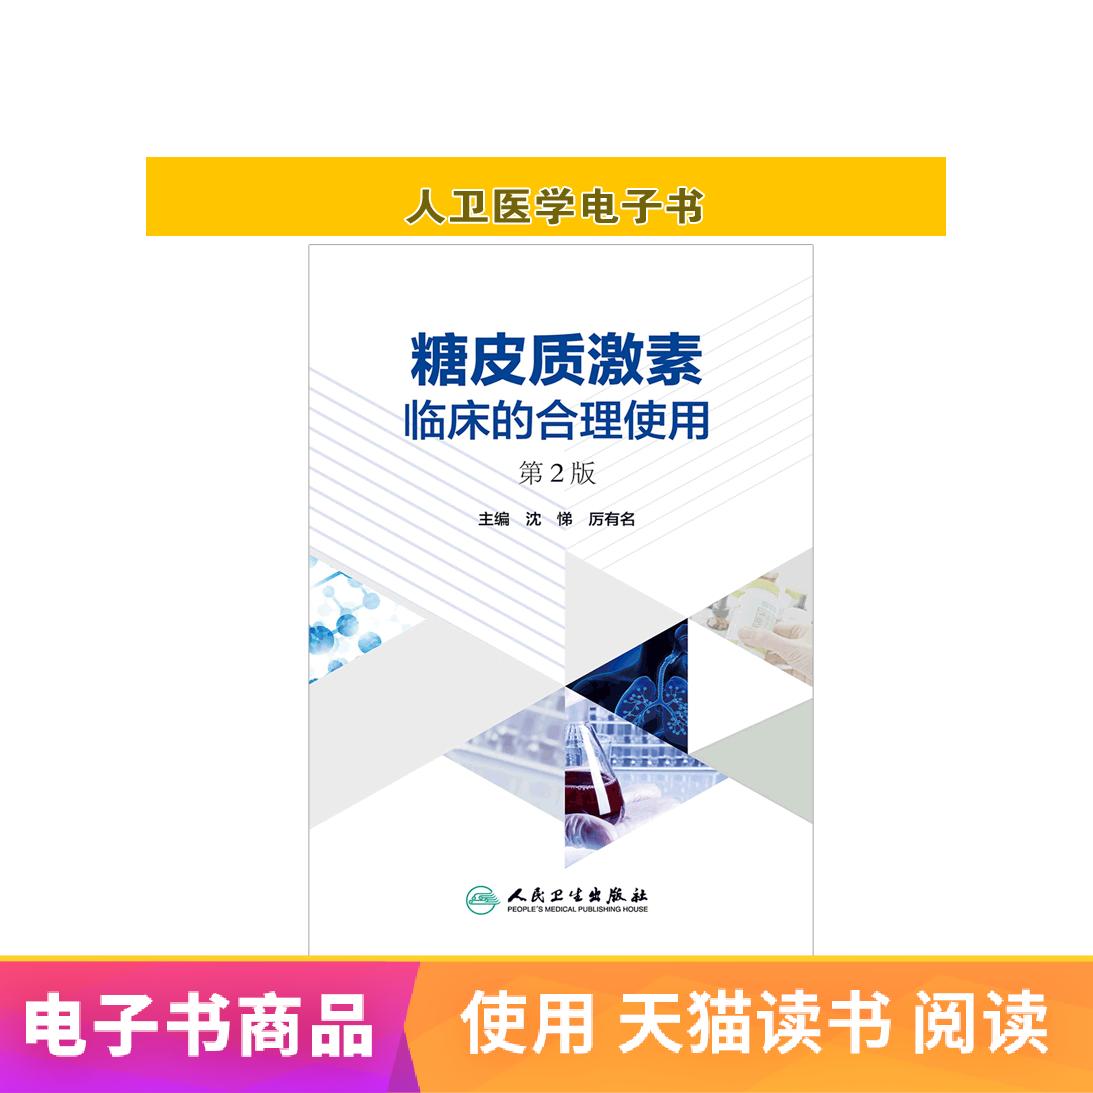 糖皮质激素临床的合理使用(第2版)人民卫生出版社【电子书】